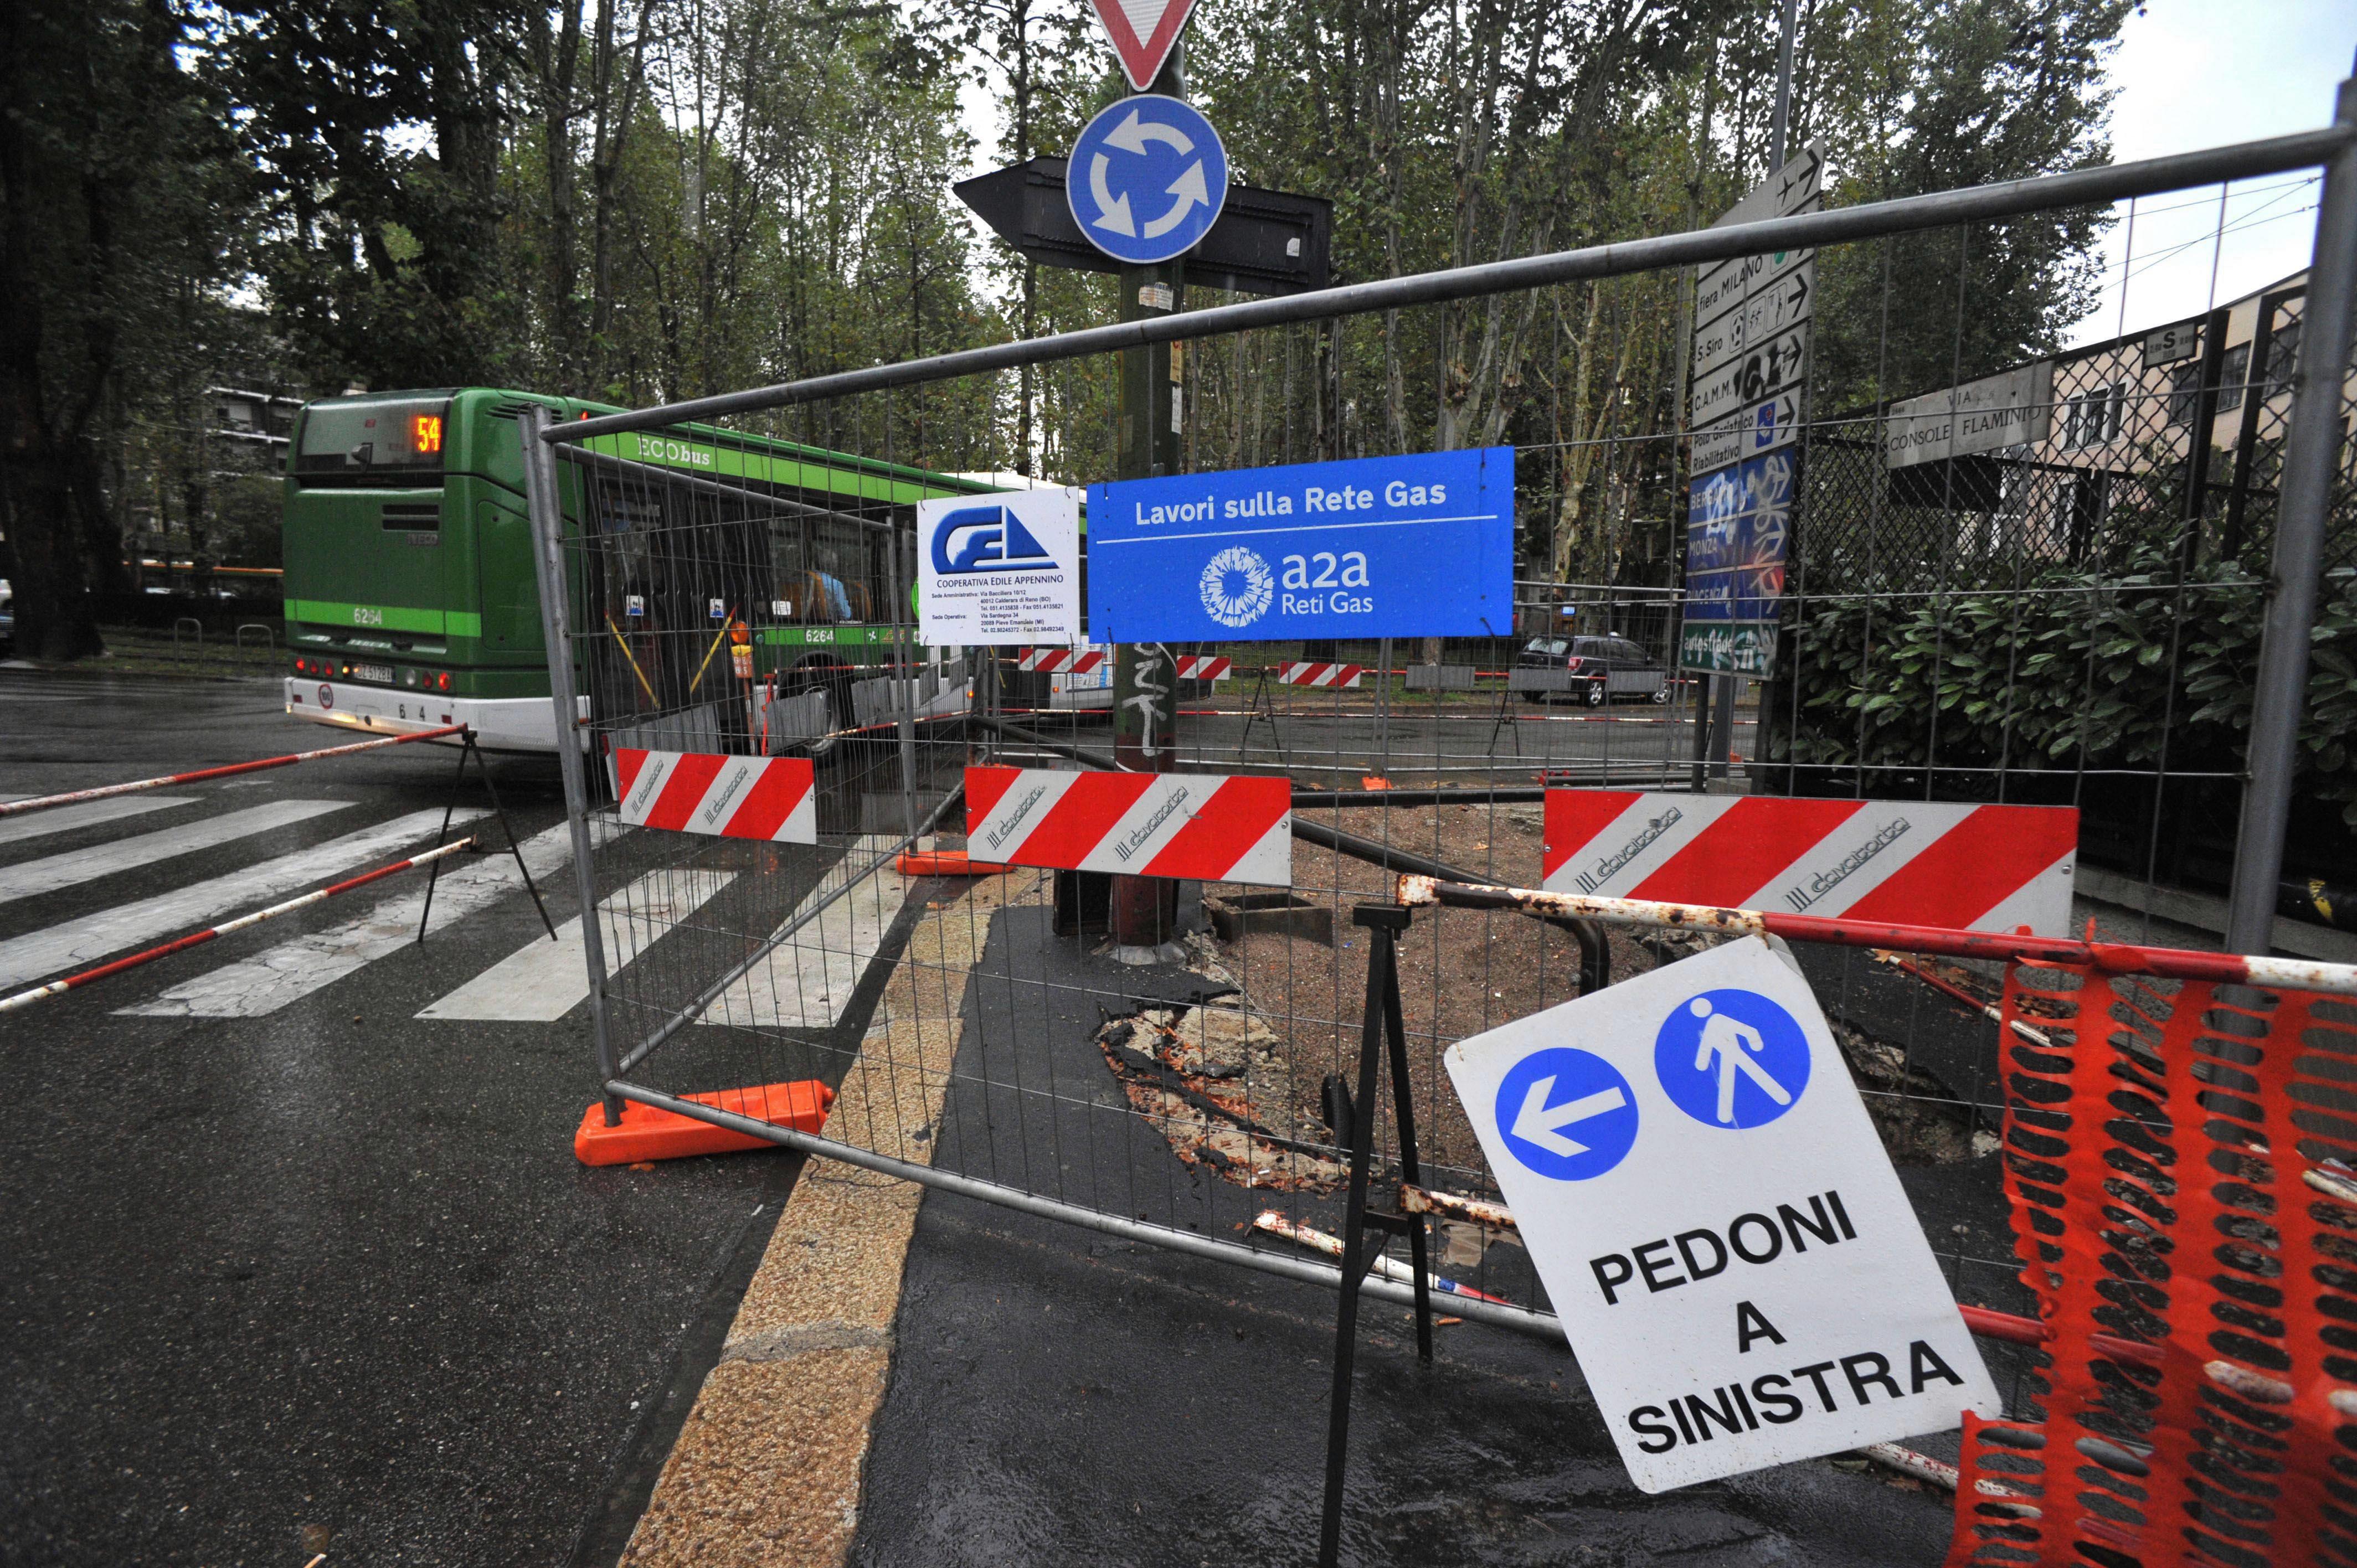 Milano, mazzette e buoni gasolio: e il geometra del Comune chiudeva un occhio sui cantieri A2a